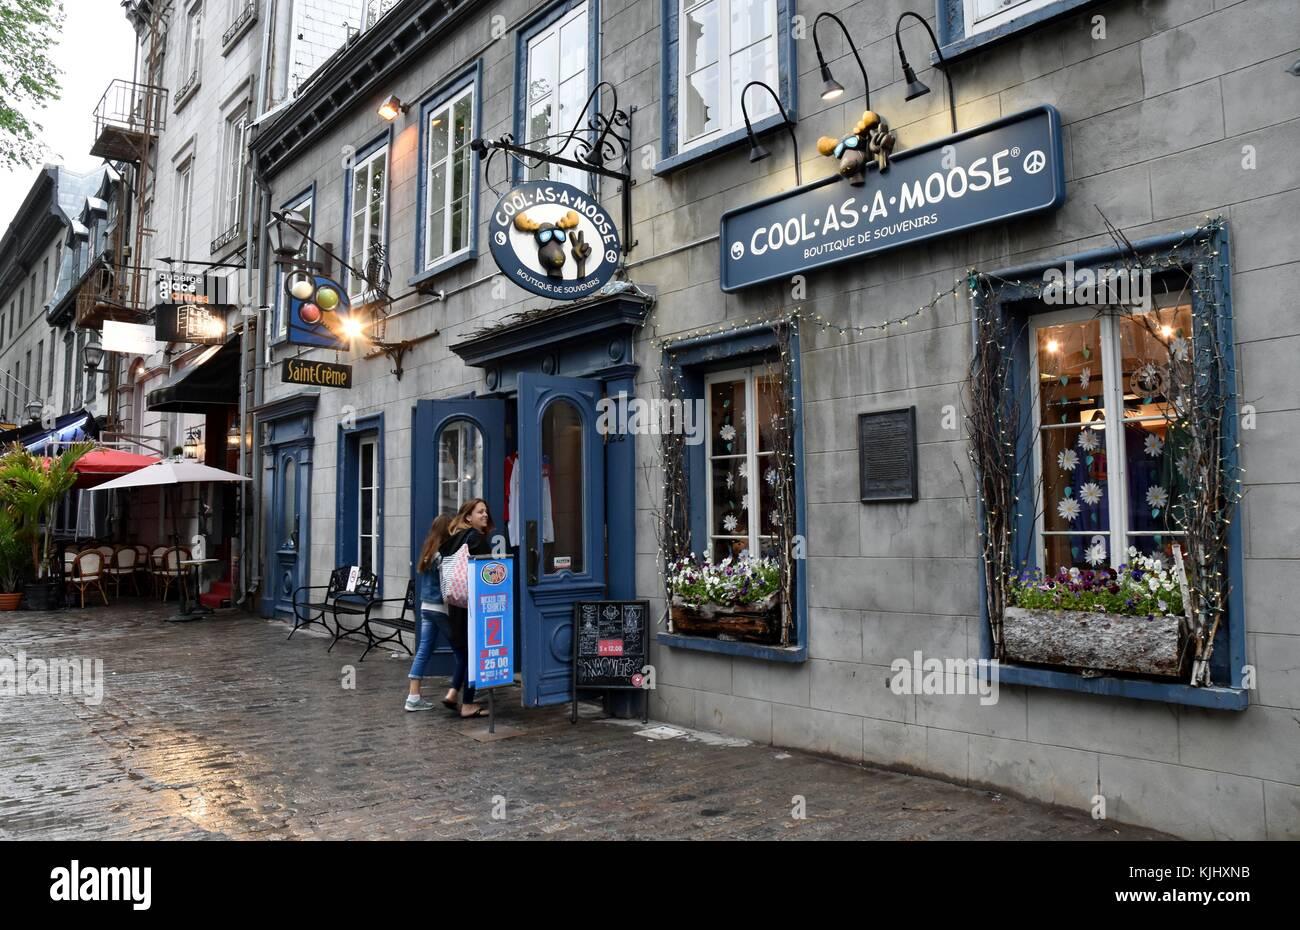 Fresco come un alce boutique è il più cool piccolo negozio. Immagini Stock